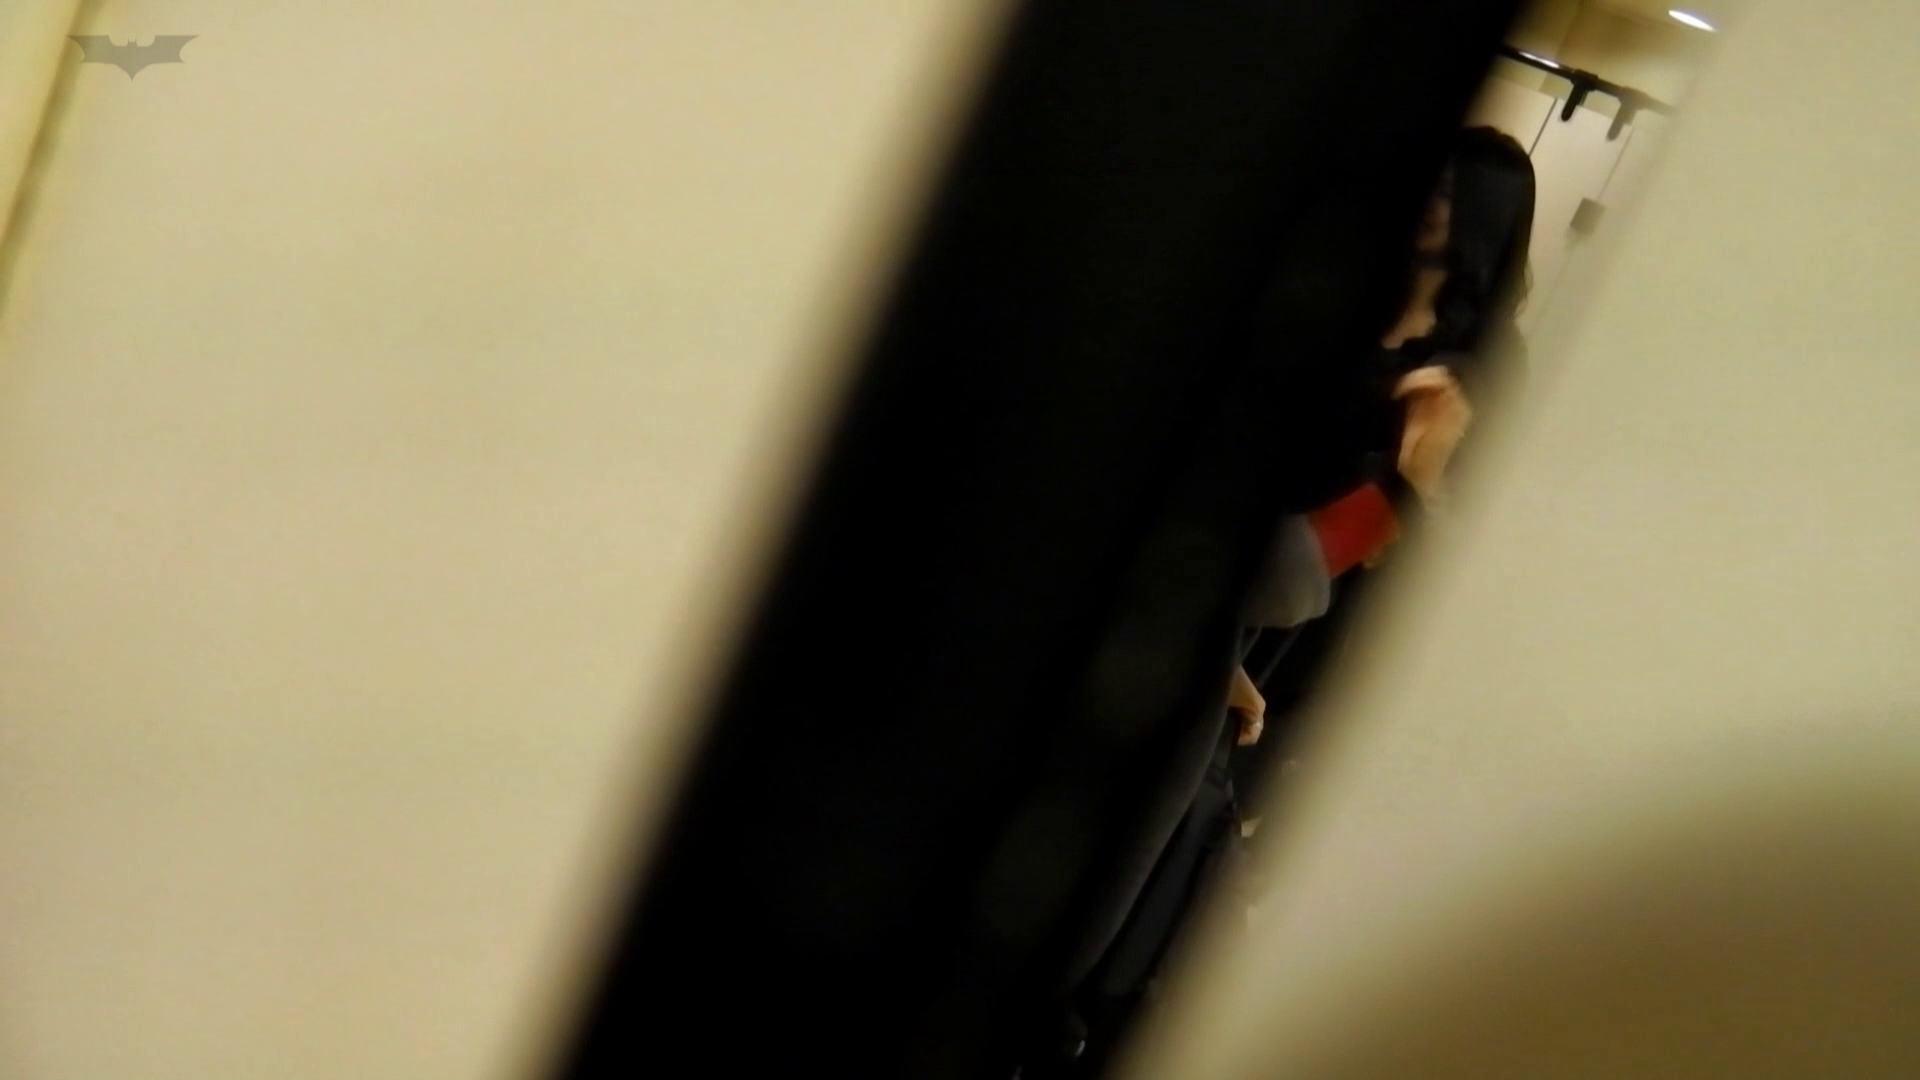 新世界の射窓 No73 185cm!スニーカーでも頭がでちゃうモデル特集 丸見え おまんこ無修正動画無料 77枚 62